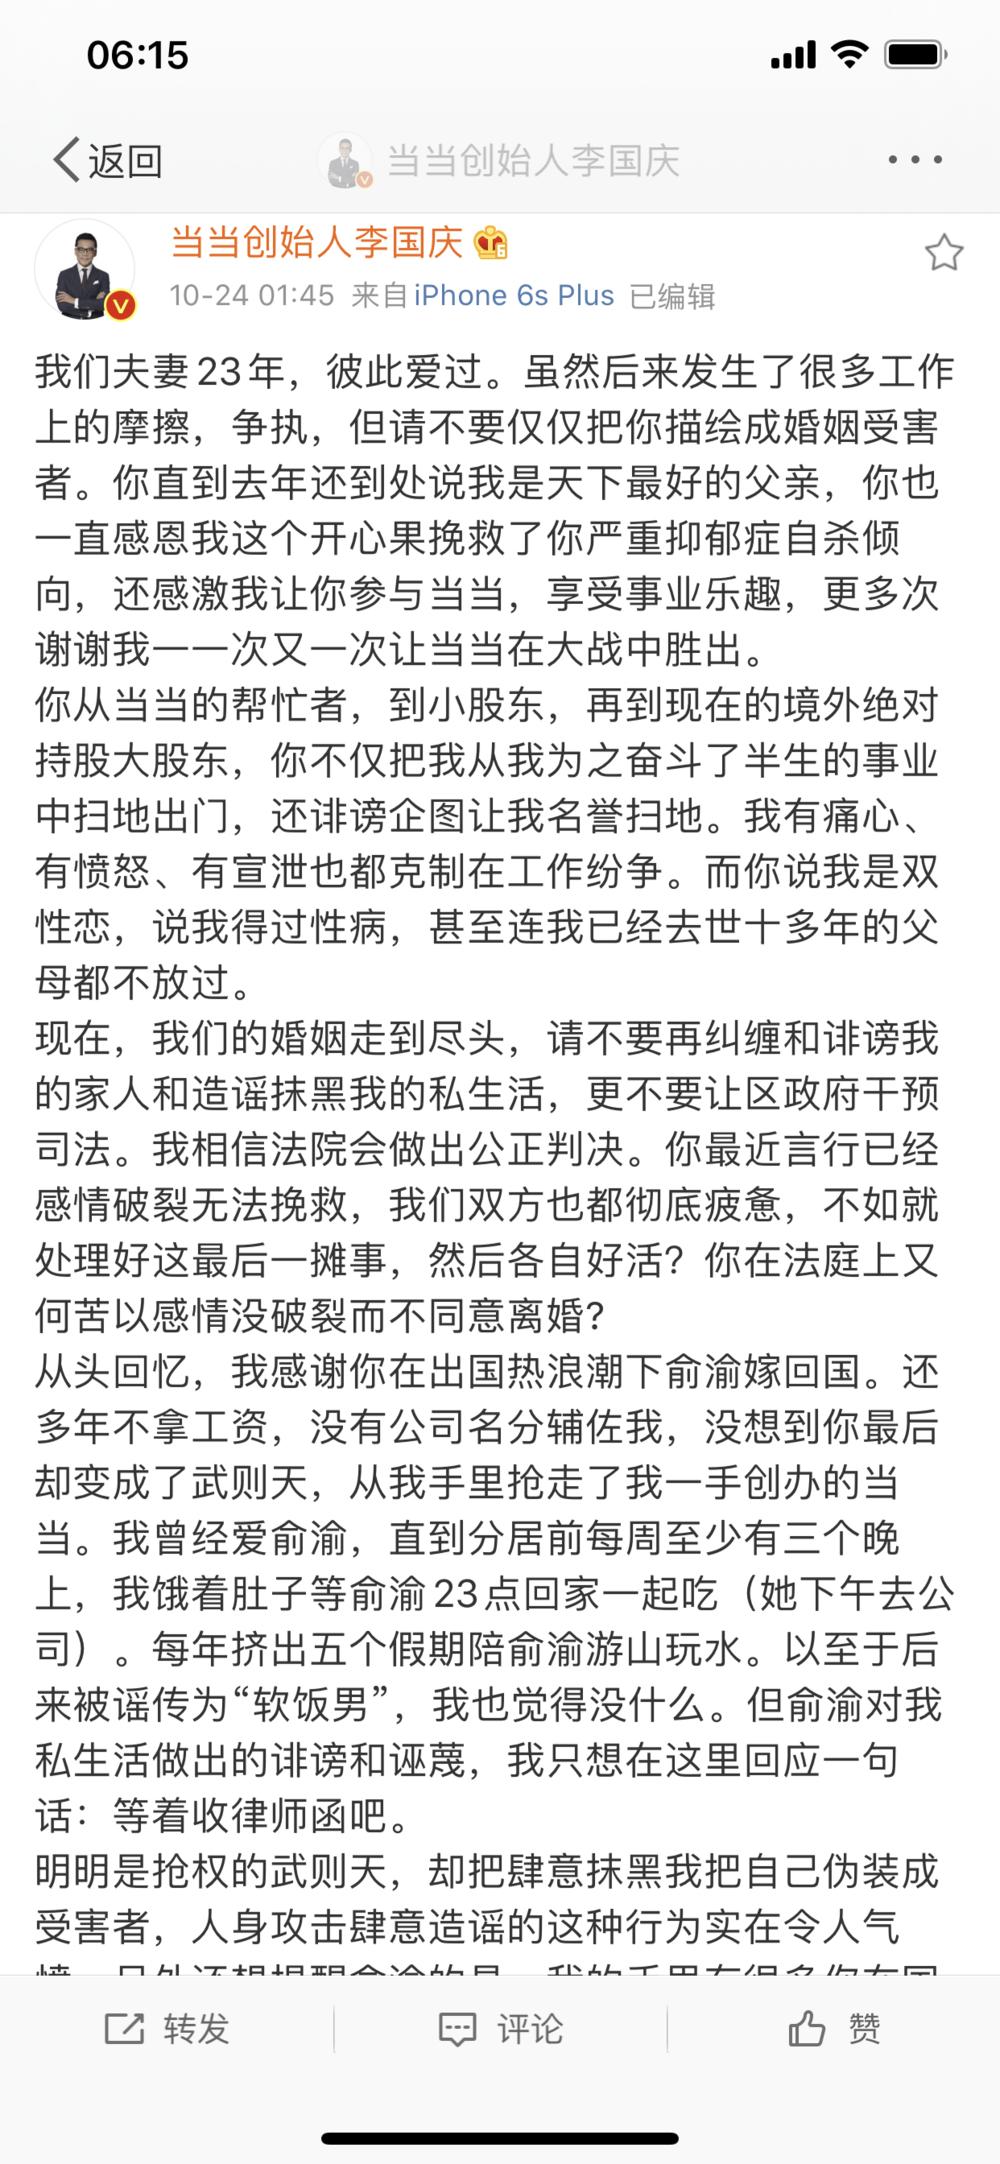 当当网李国庆俞渝,好奇葩的一对夫妻啊